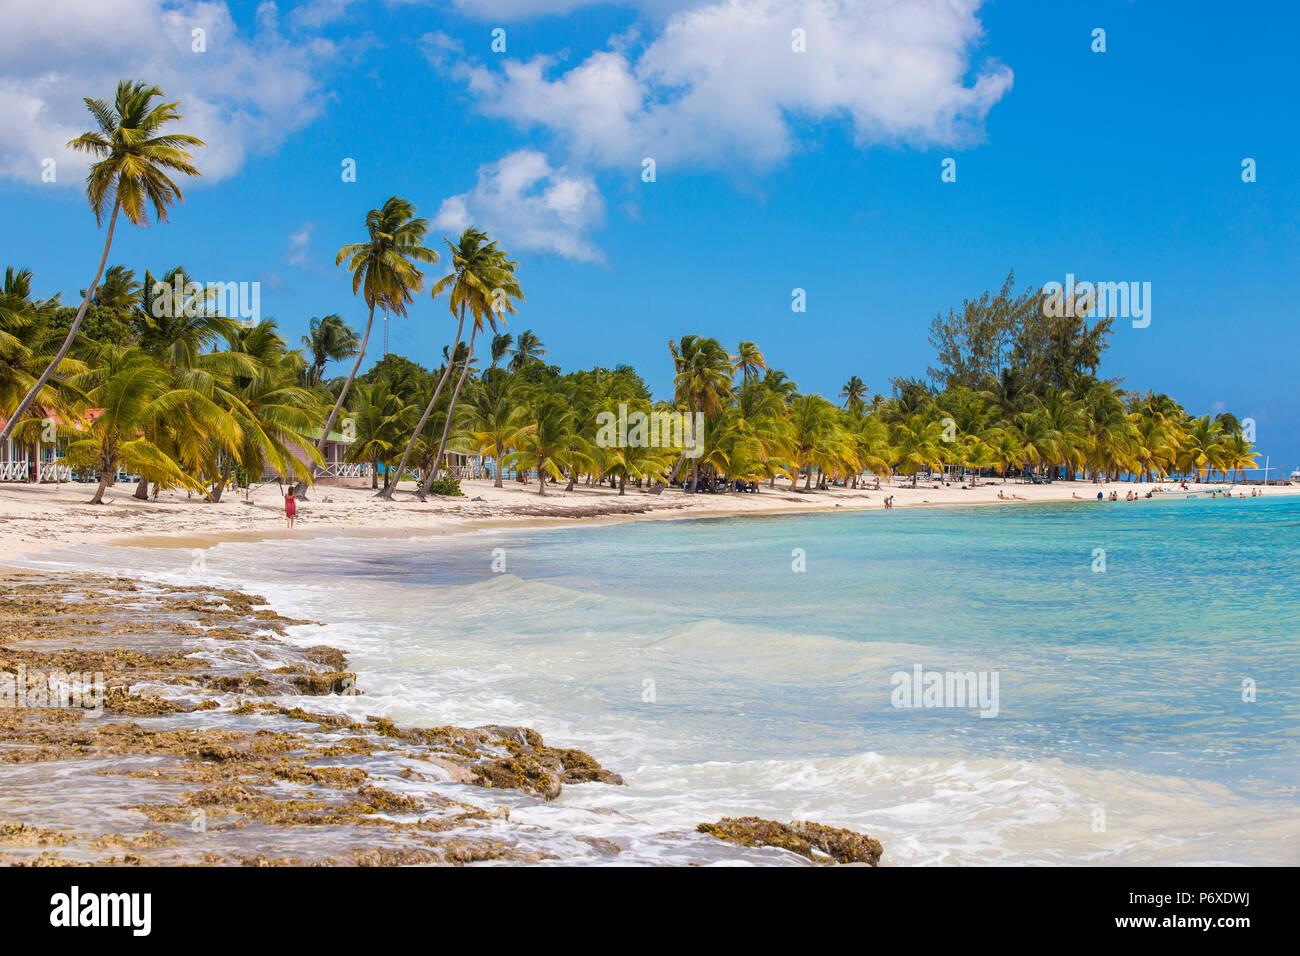 République dominicaine, Punta Cana, Parque Nacional del Este, l'île de Saona, Mano Juan, un pittoresque village de pêcheurs Photo Stock